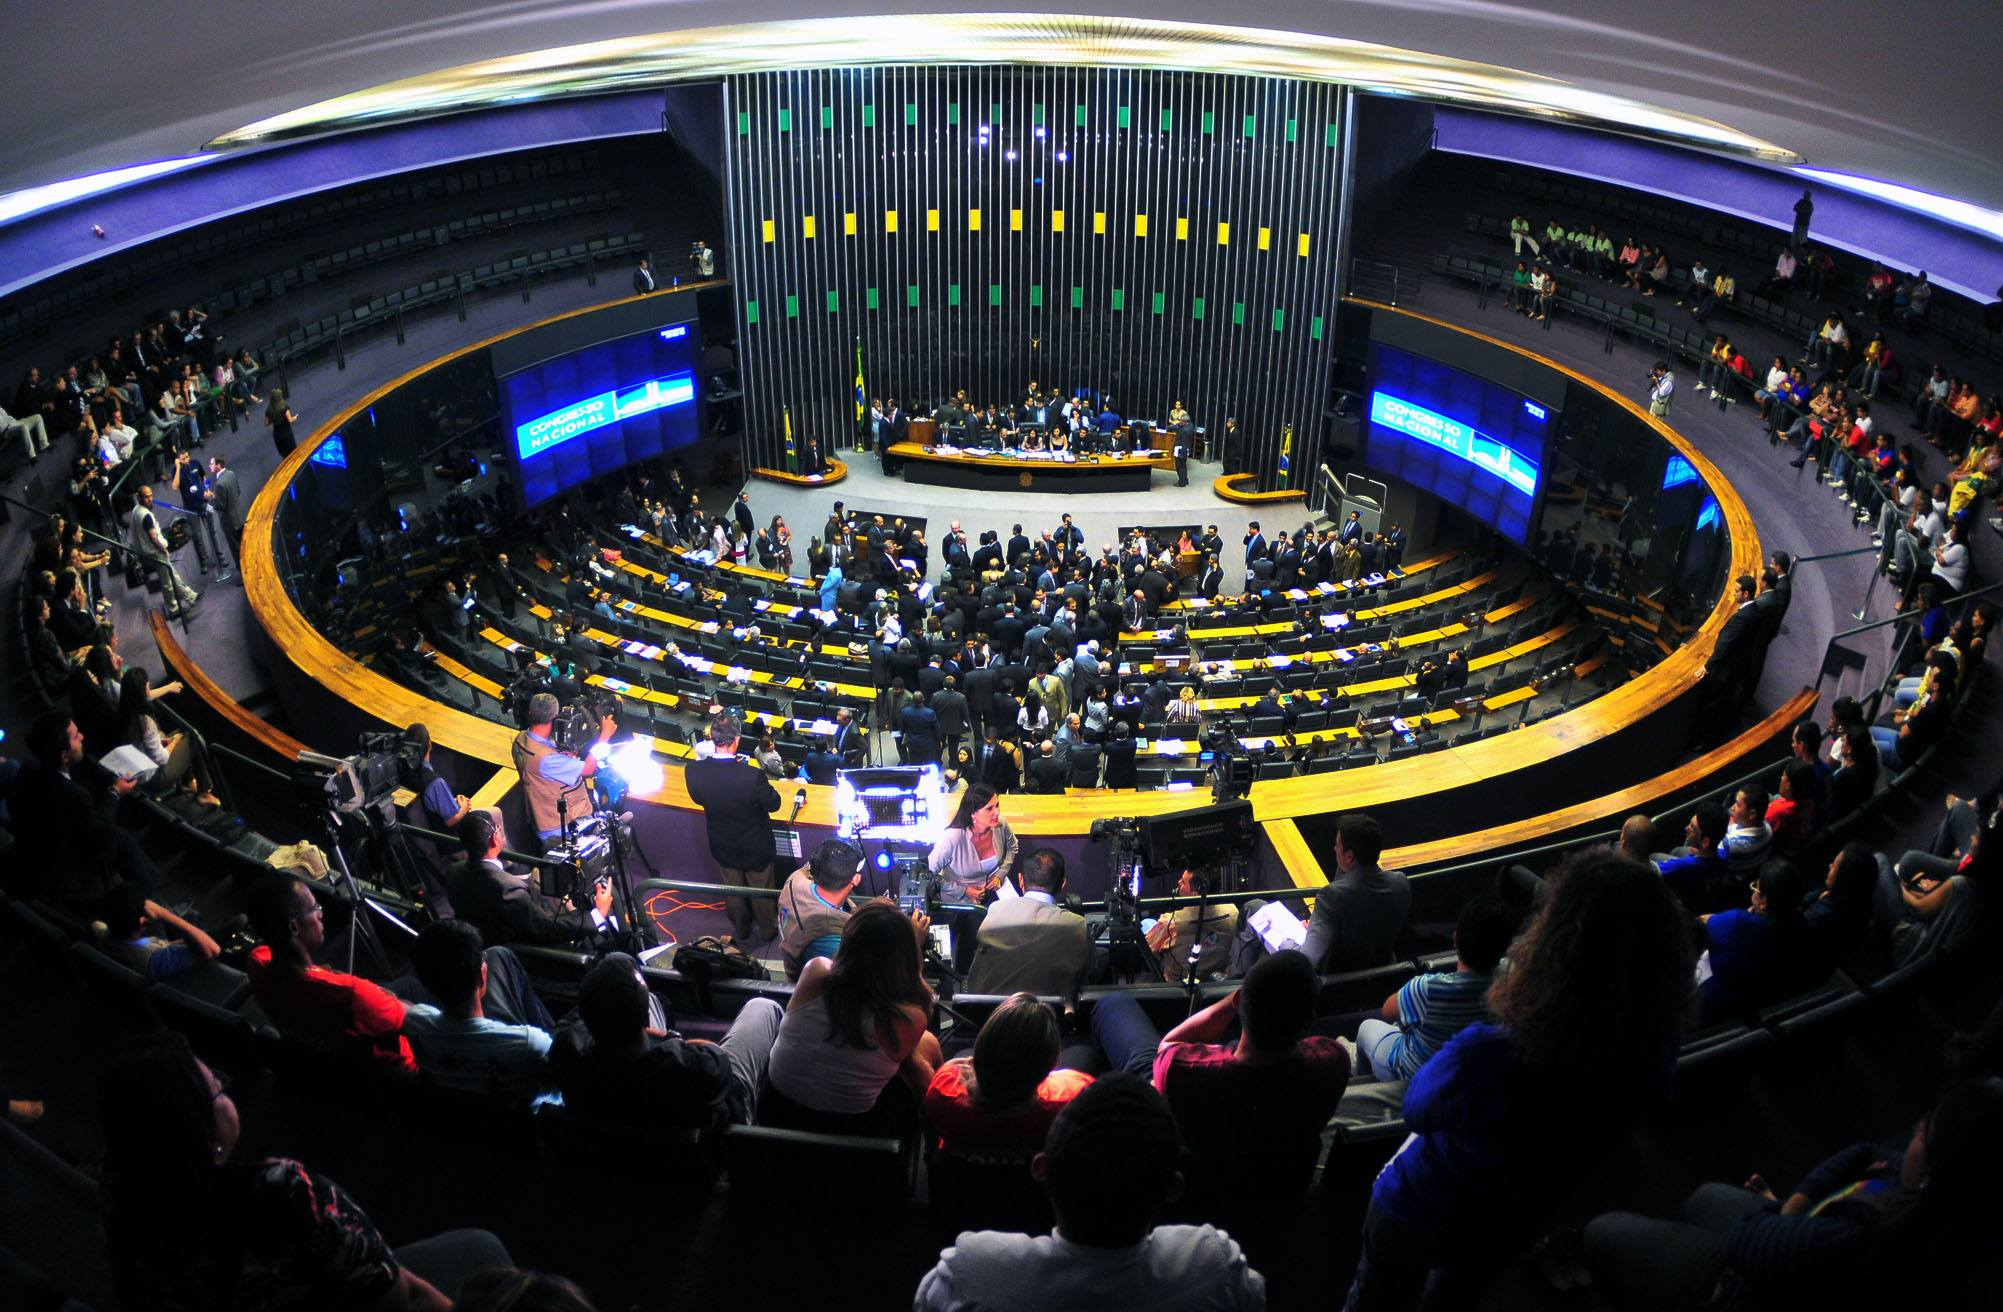 Resultado de imagem para imagem do plenario da camara dos deputados ontem